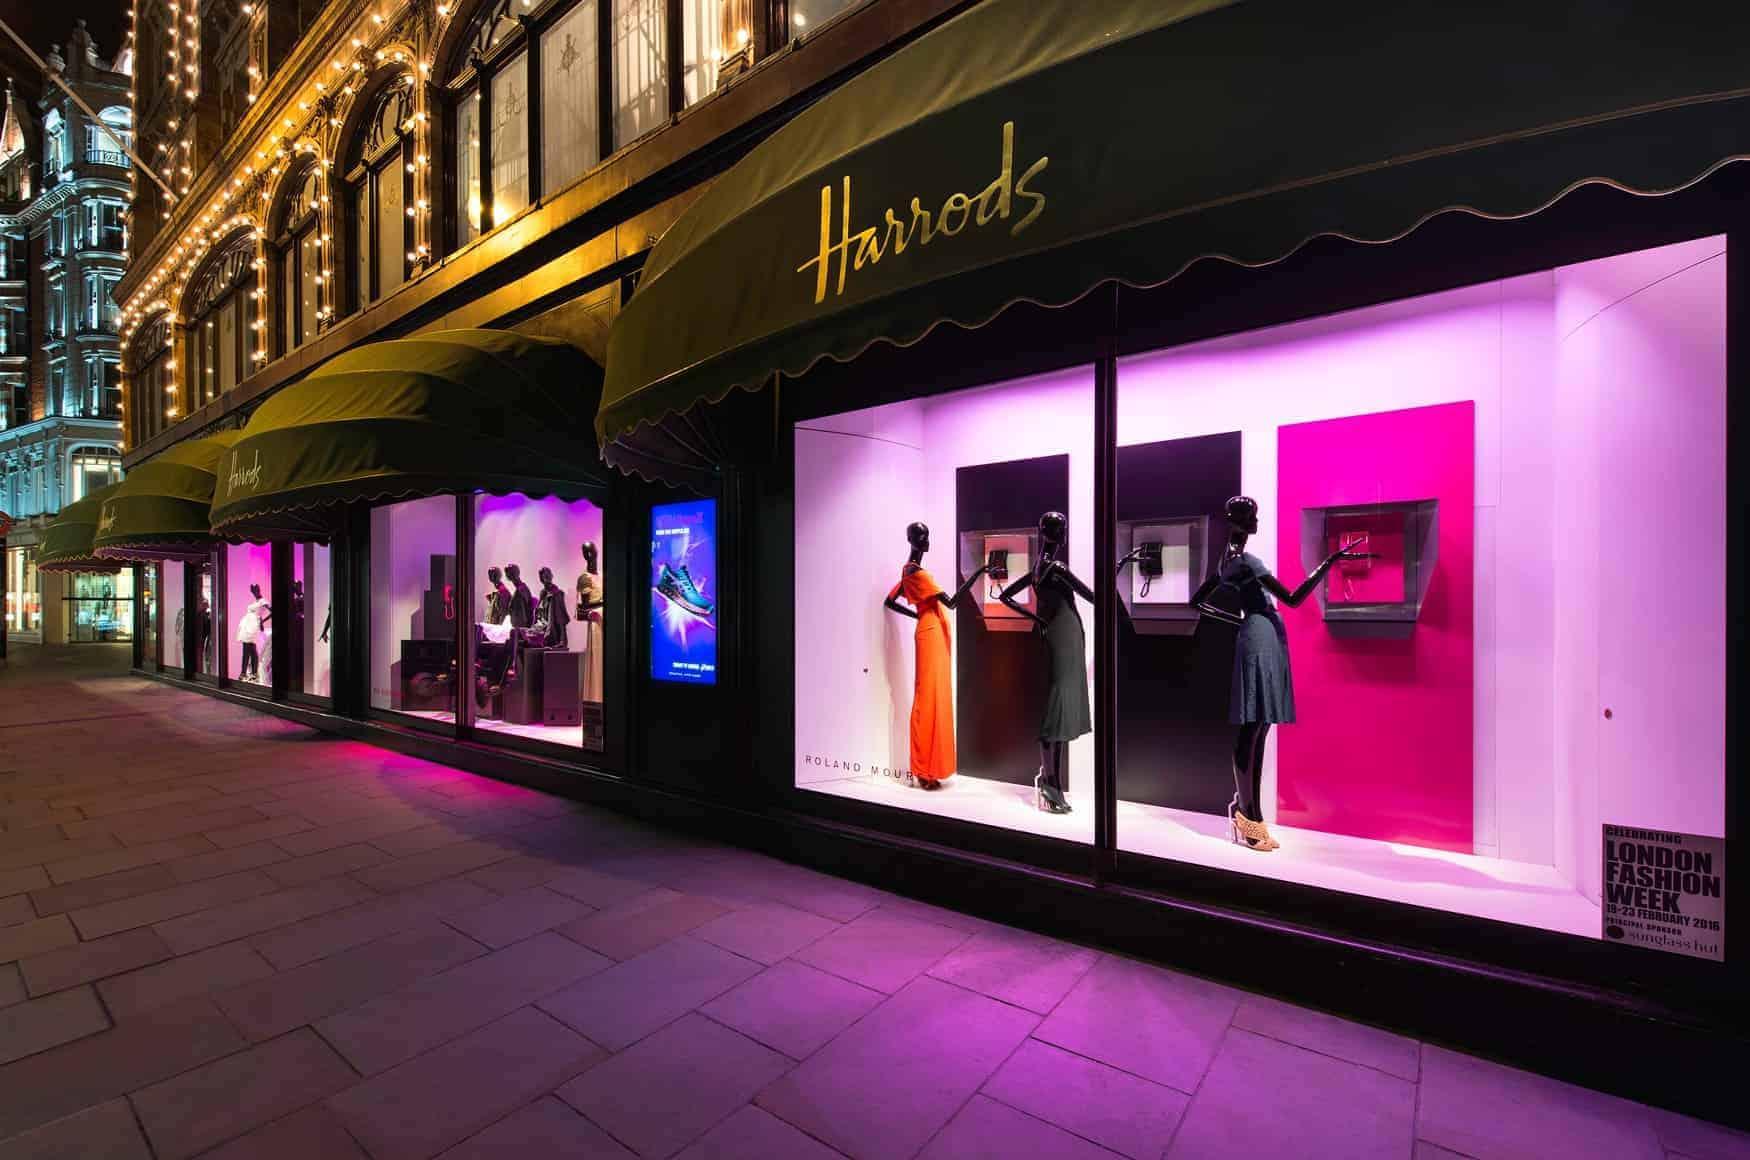 Harrods Windows featuring Schläppi mannequins by Bonaveri